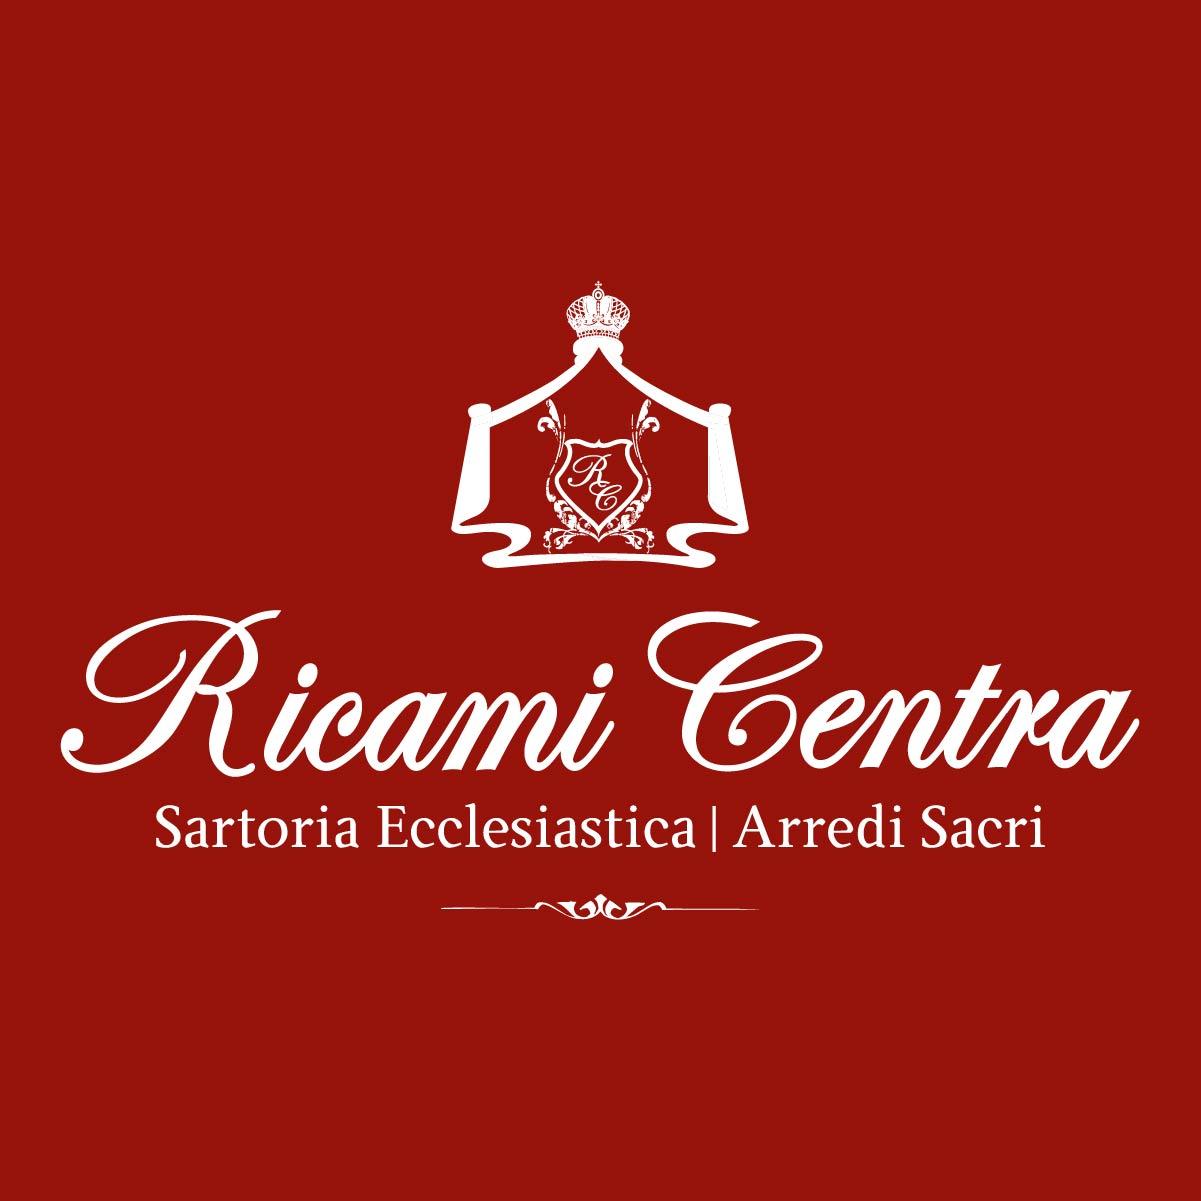 Ricami Centra